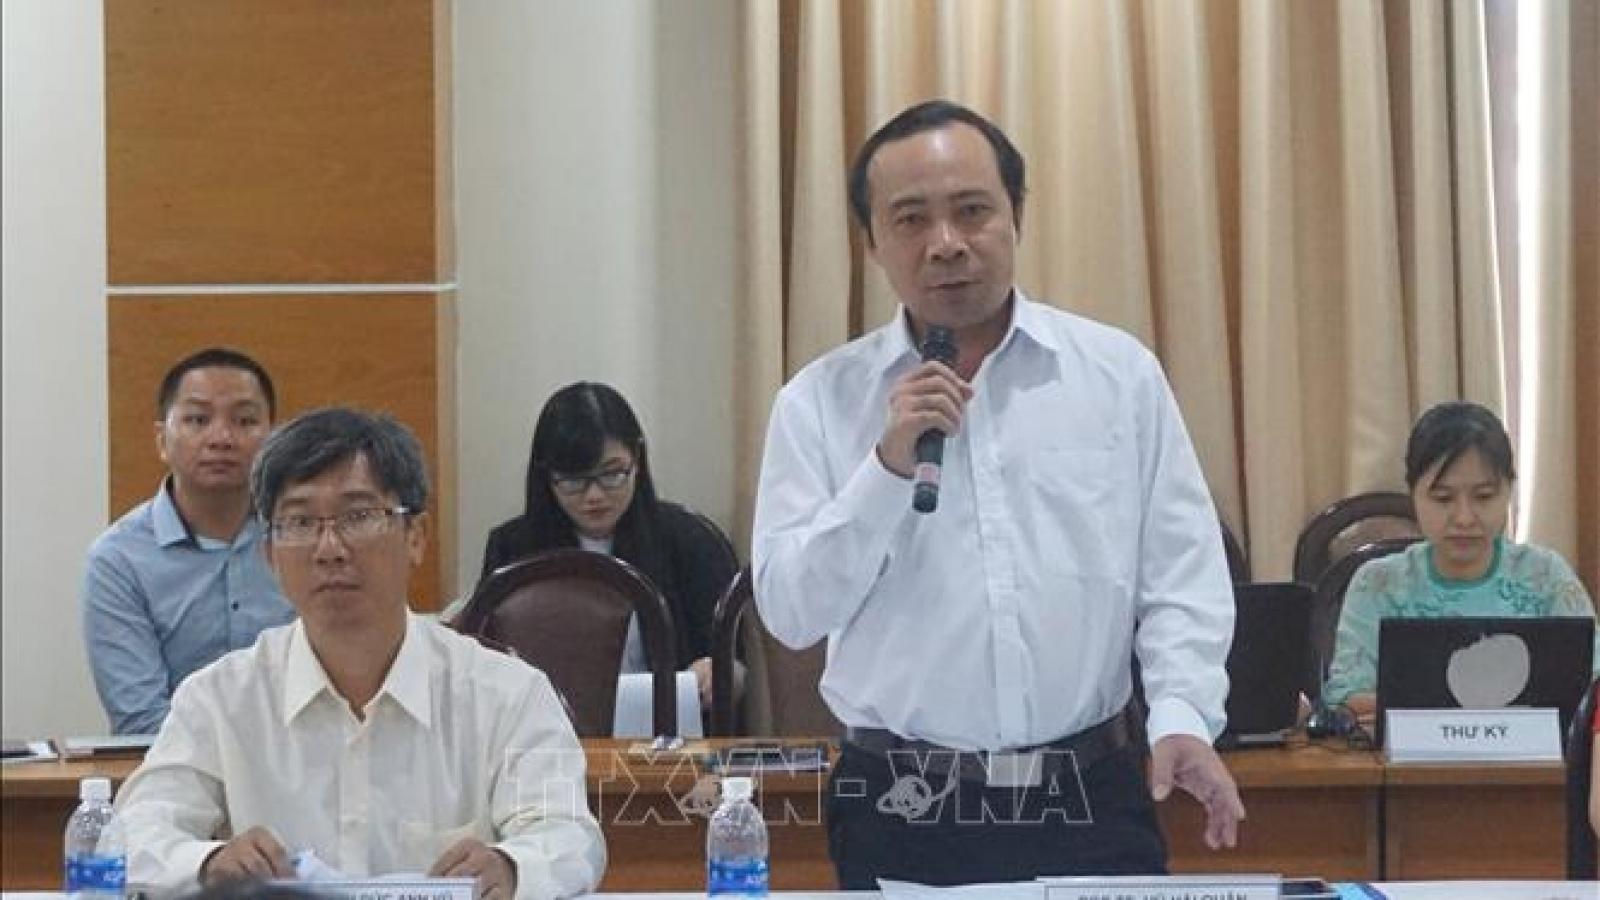 Đại học Quốc gia TP Hồ Chí Minh có giám đốc mới